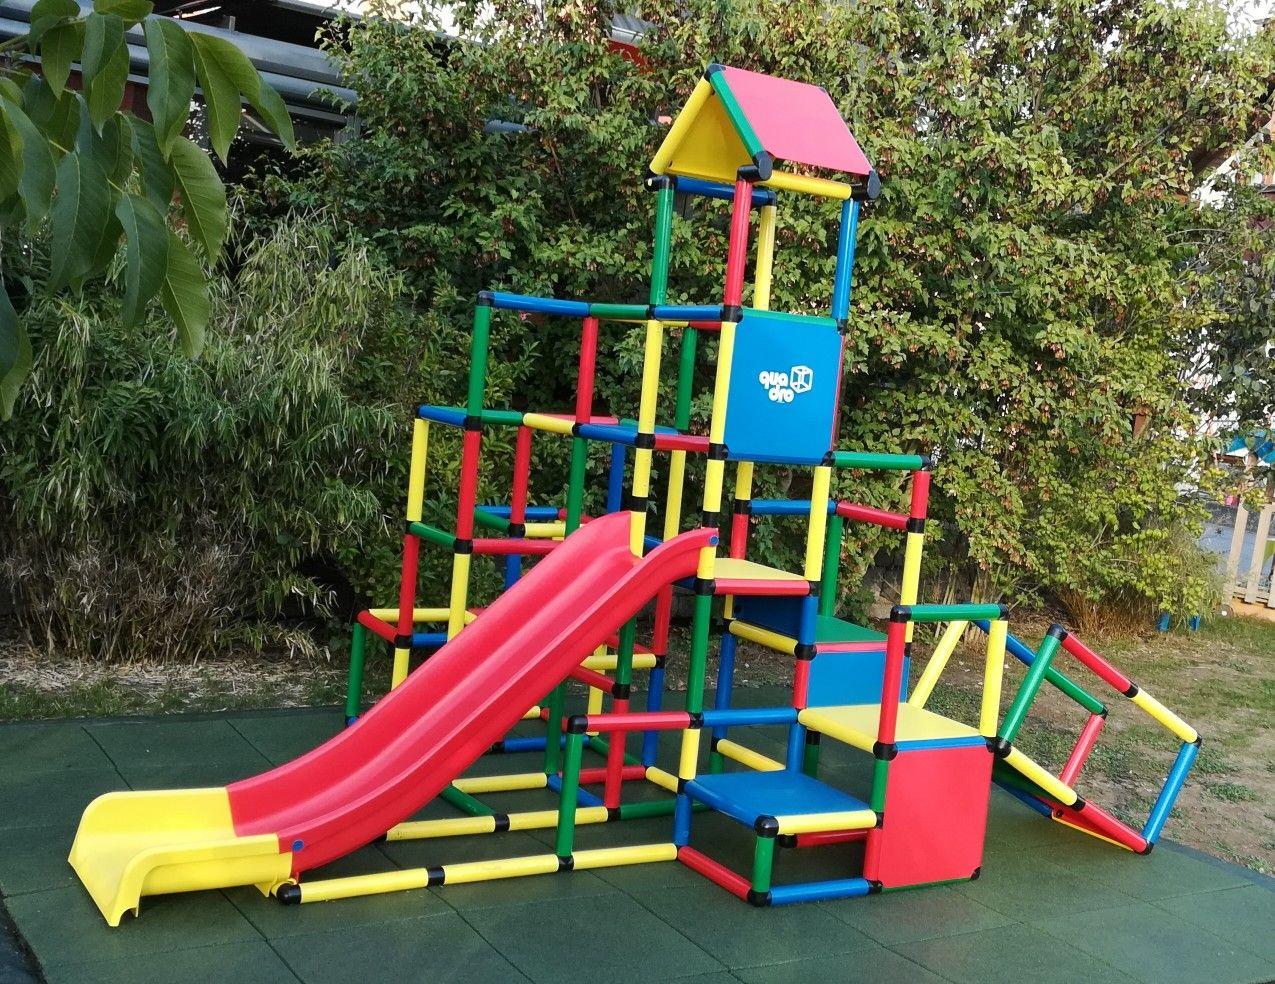 Endlich Ist Unsere Kletter Rutsche Kombination Von Quadro Fertig Besteht Aus Zwei Paketen Kletterpyramide Und Einem Up Kinder Spielzeug Kinderspielzeug Kinder